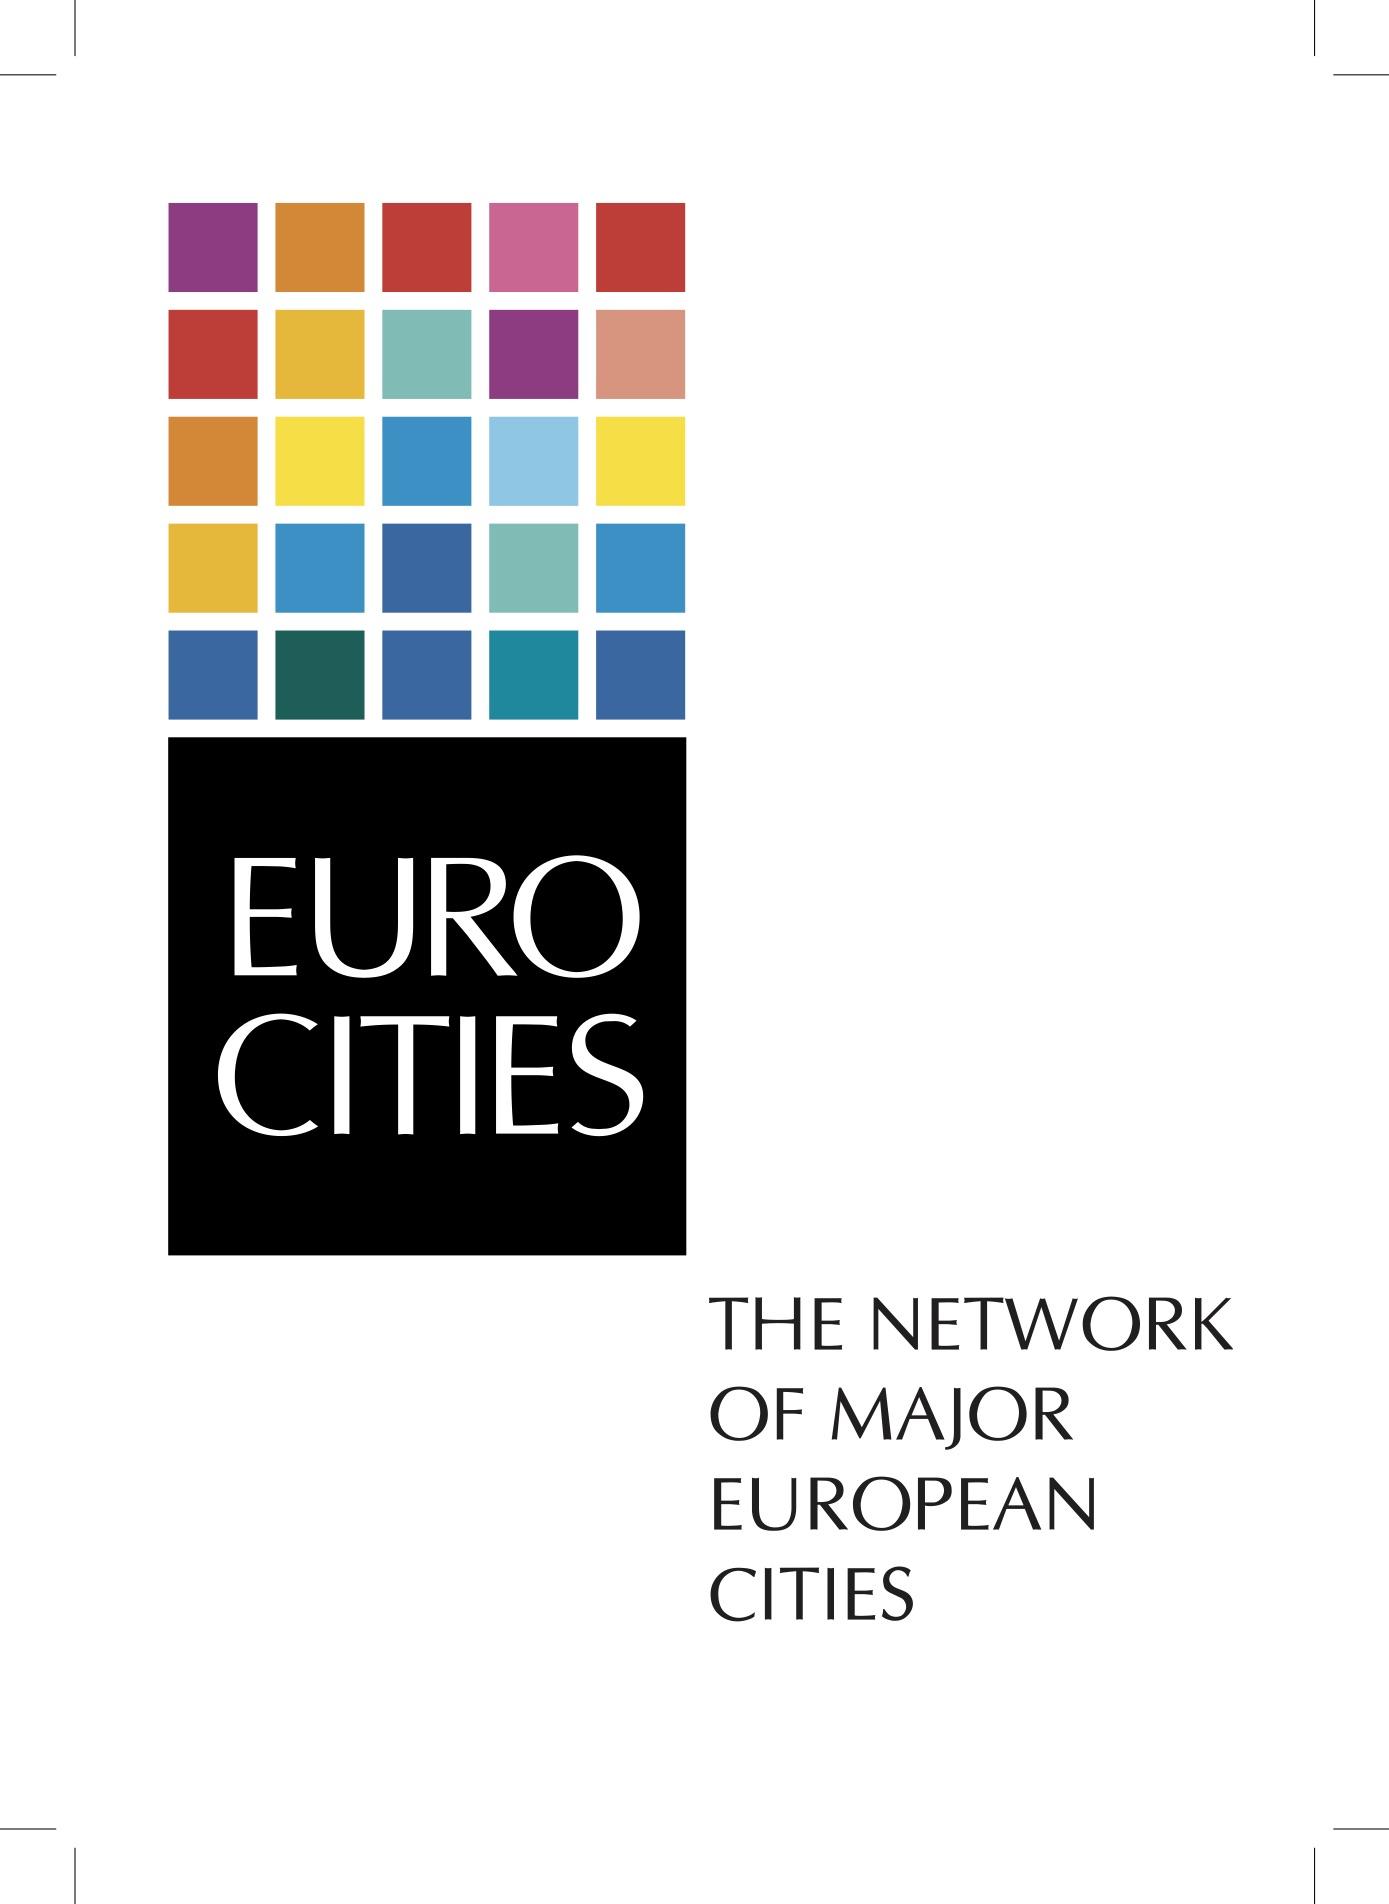 2010_EC_logo_CMYK.jpg